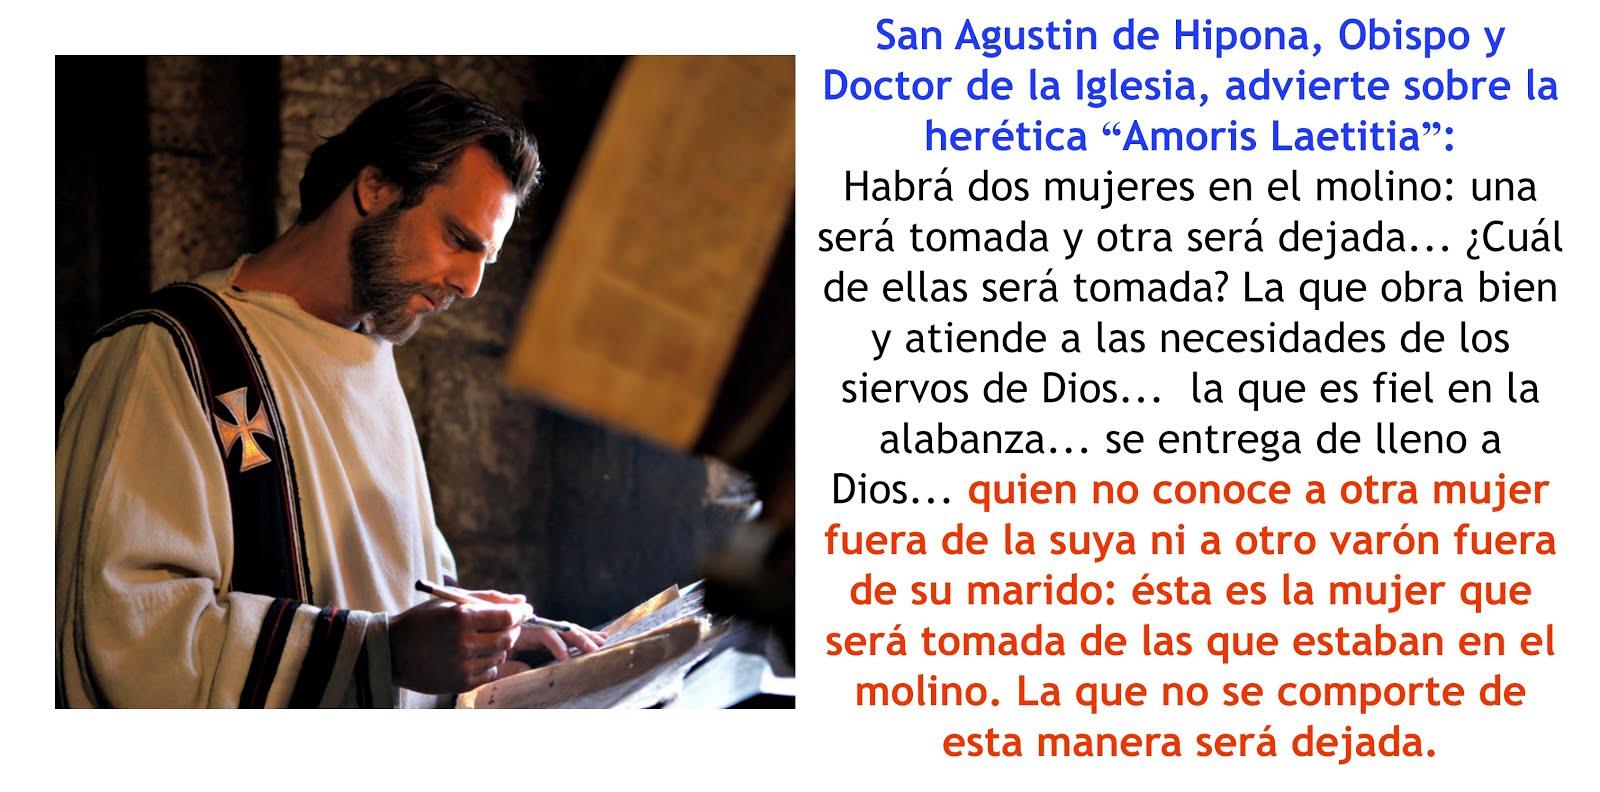 San Agustín Juzga la herética Amoris Laetitia.